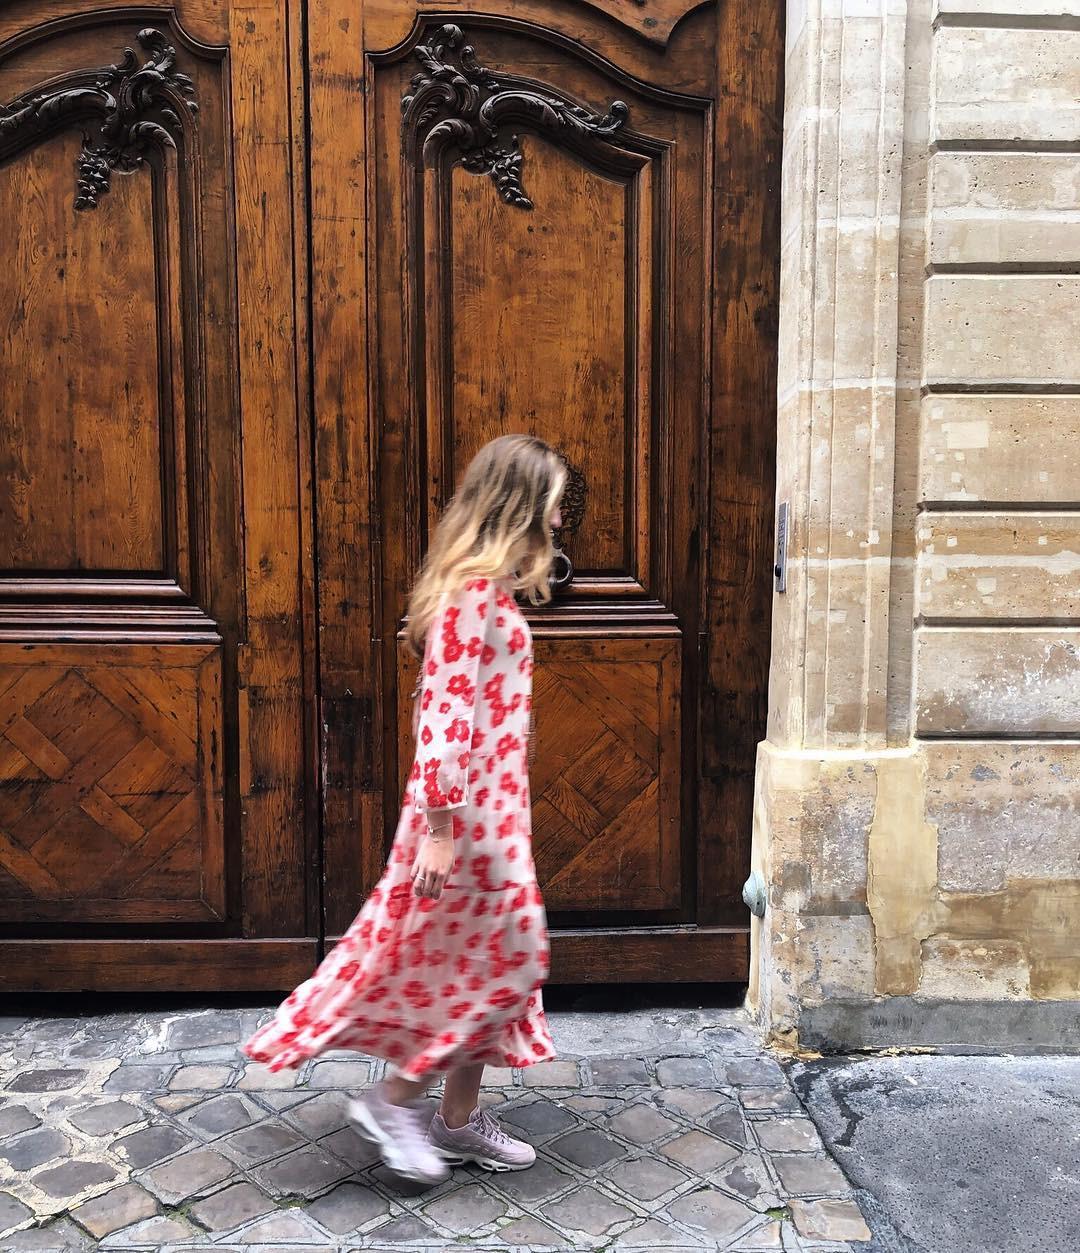 Bộ váy hoa giá cả chục triệu mà đụng hàng xuyên lục địa hết Pháp đến Ý  rồi lại Tây Ban Nha... - Ảnh 8.